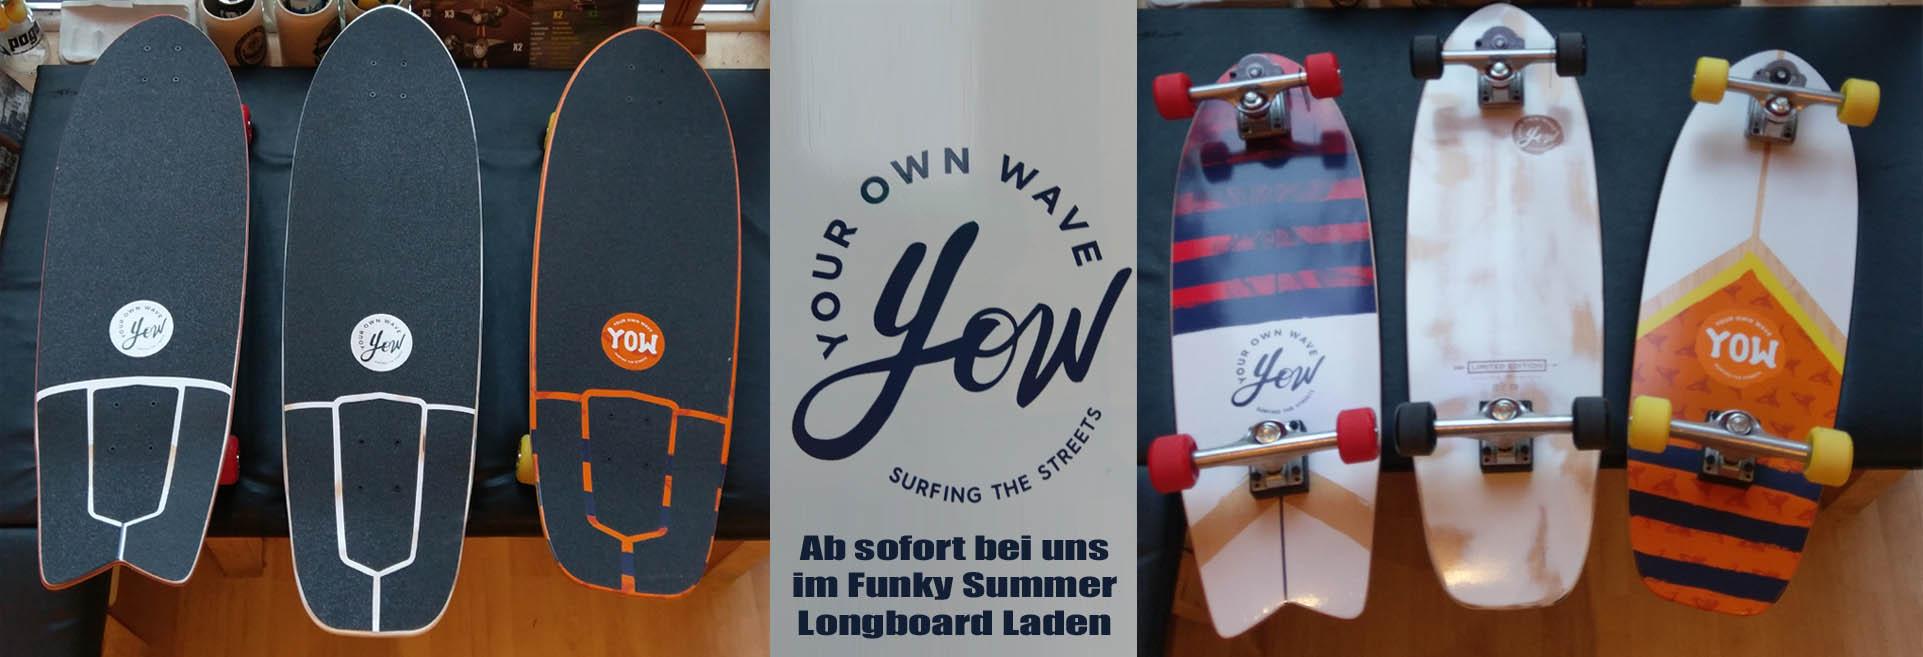 yow Funky Summer Longboard Berlin